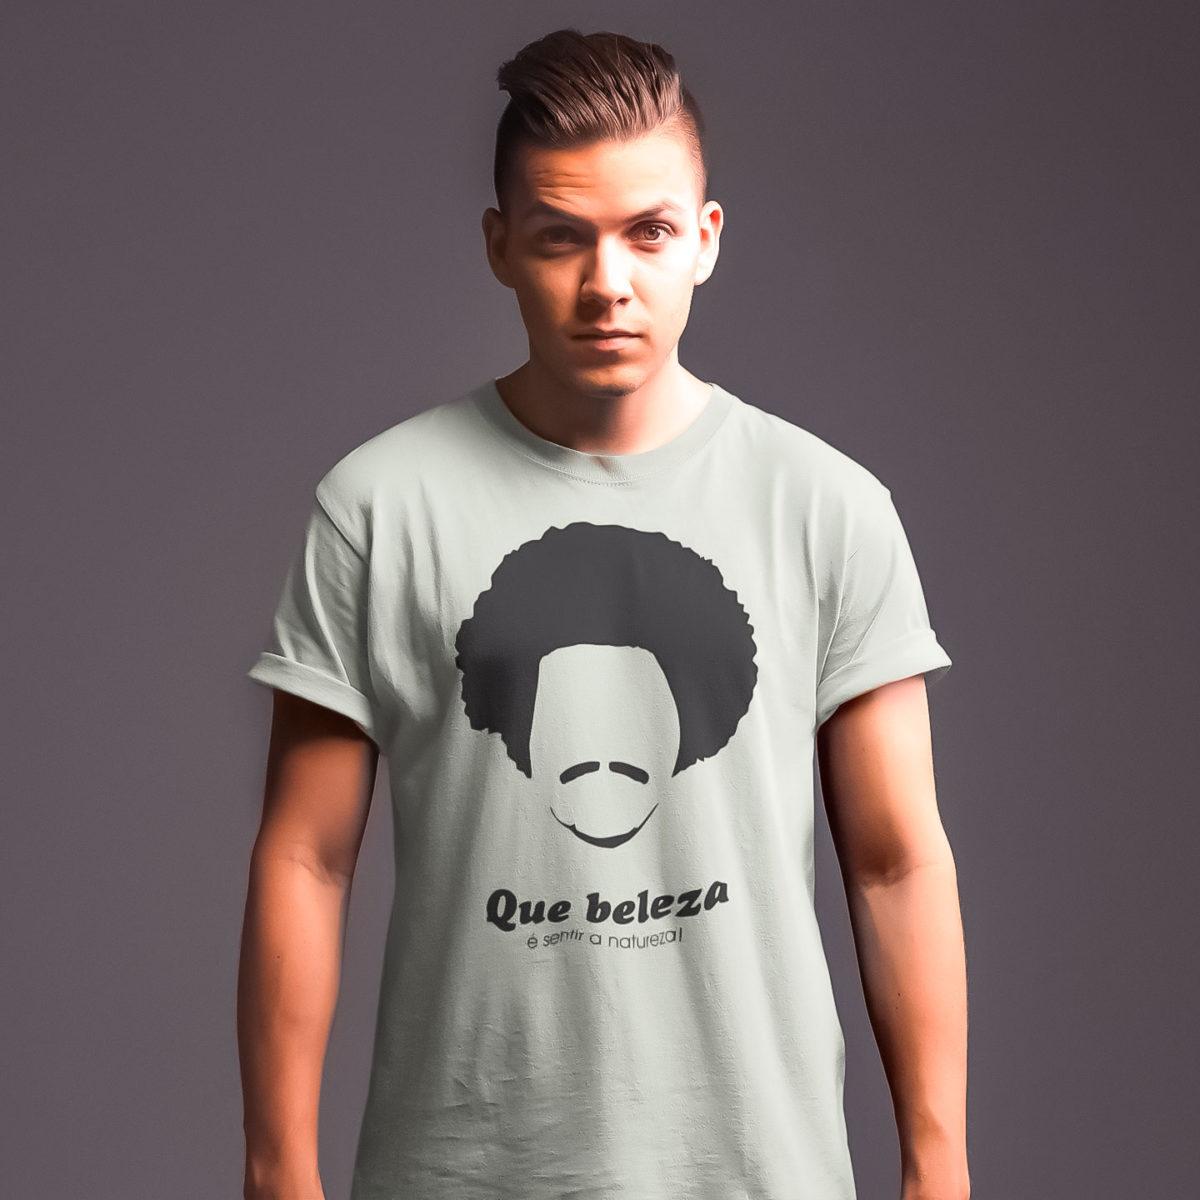 Camiseta Cullt Tim Maia